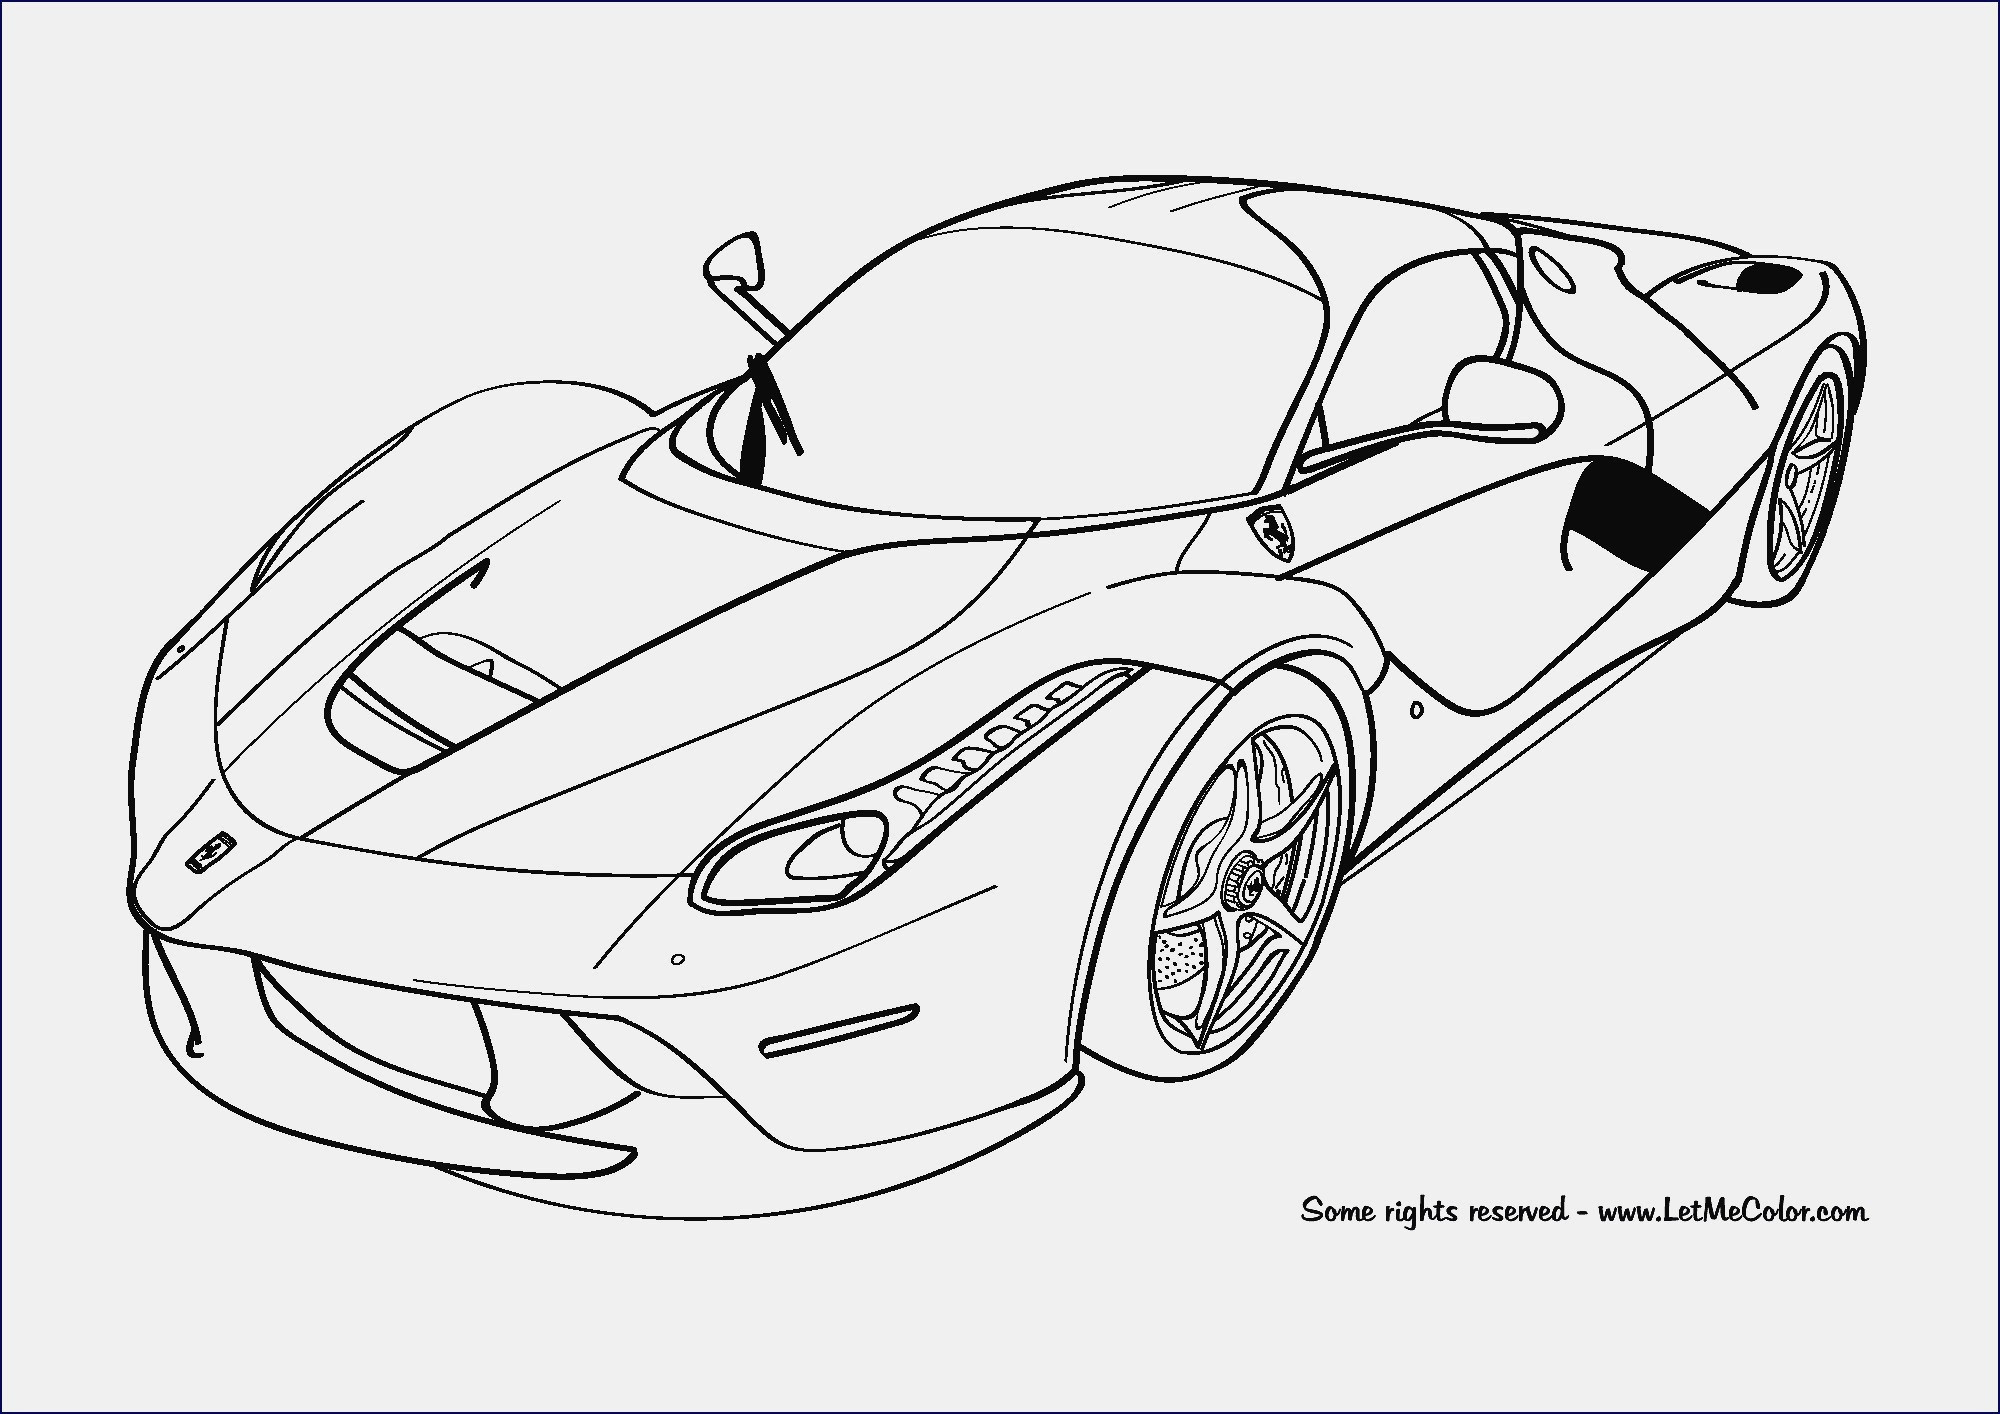 Martin Luther Bilder Zum Ausmalen Neu Dinotrux Ausmalbilder Verschiedene Bilder Färben Ferrari 14s Awesome Sammlung